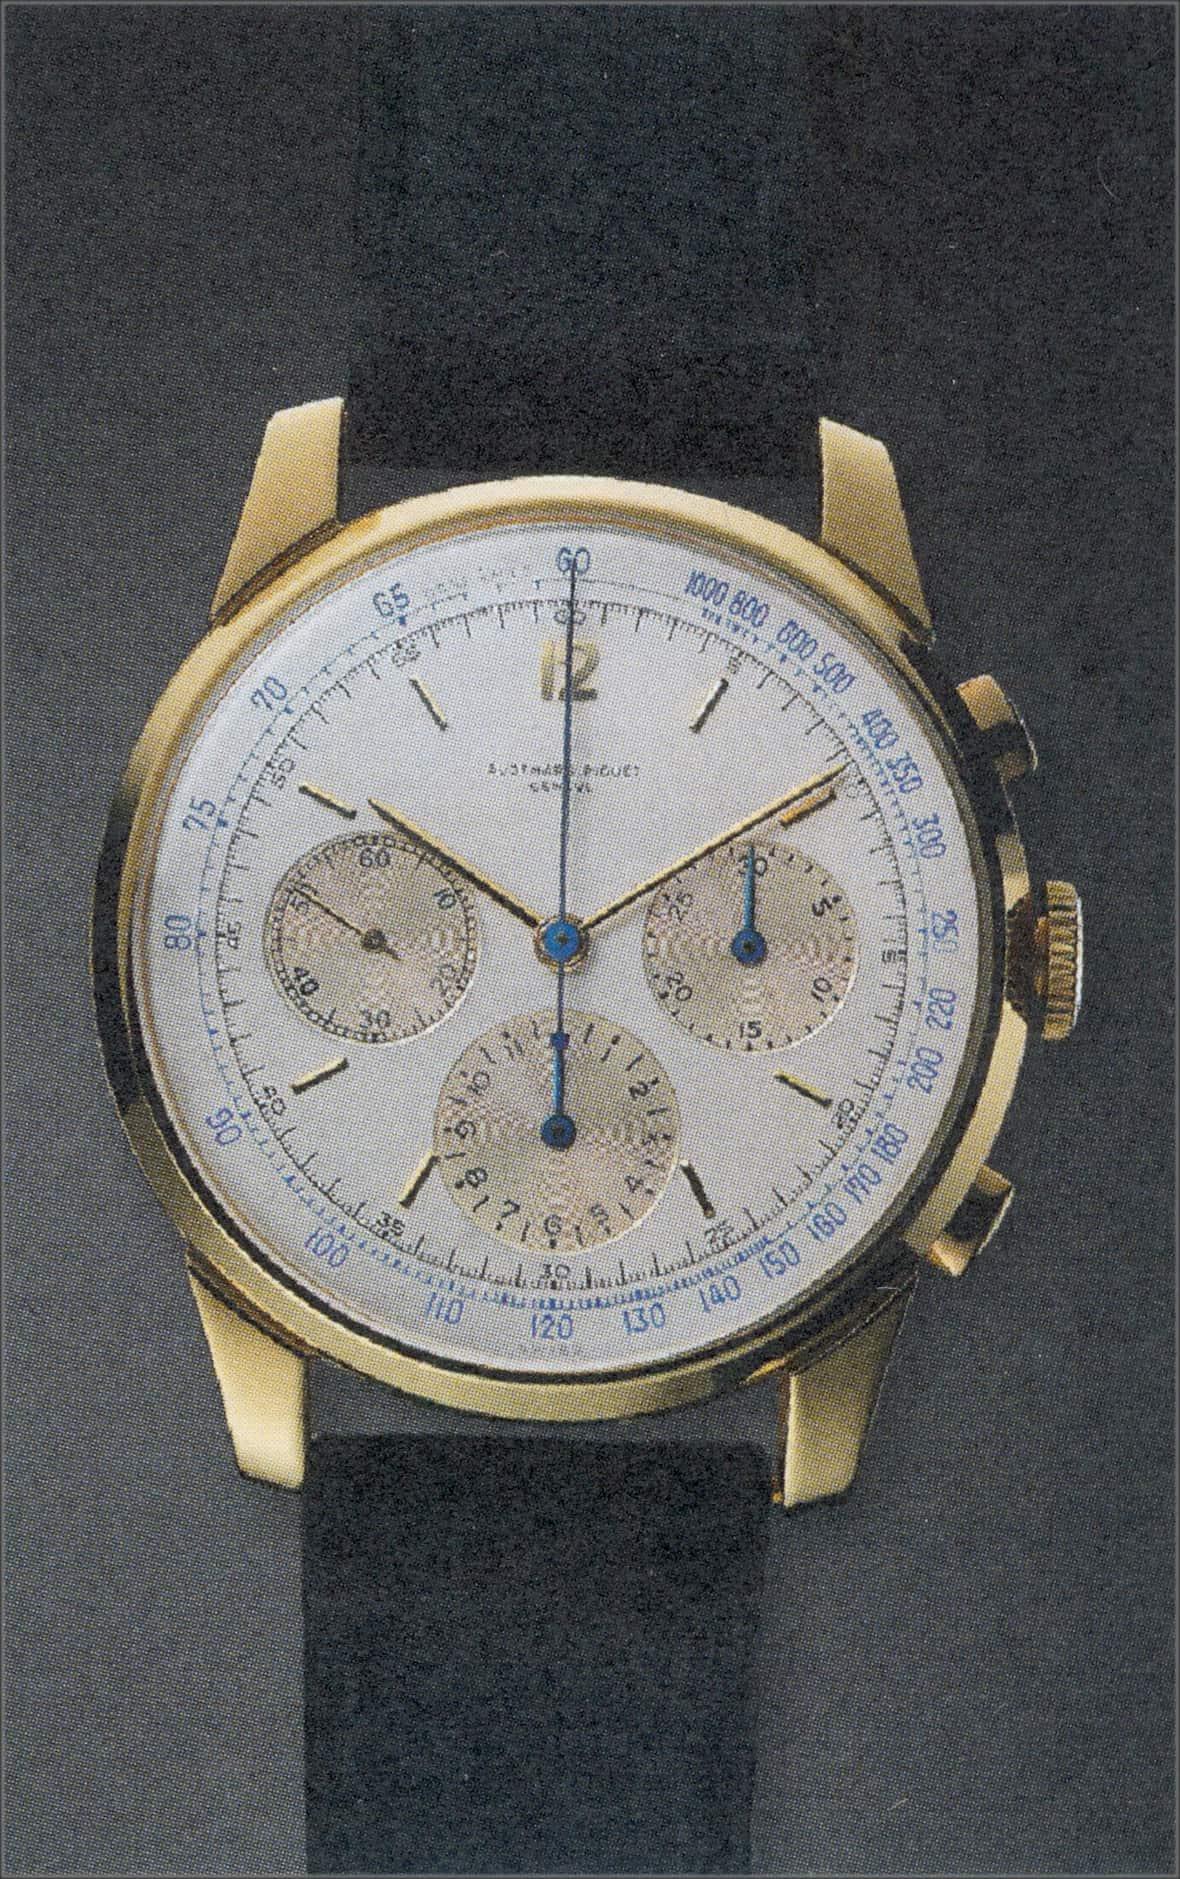 Dieser Handaufzugschronograph, Referenz 5522, entstand  im Jahr 1950